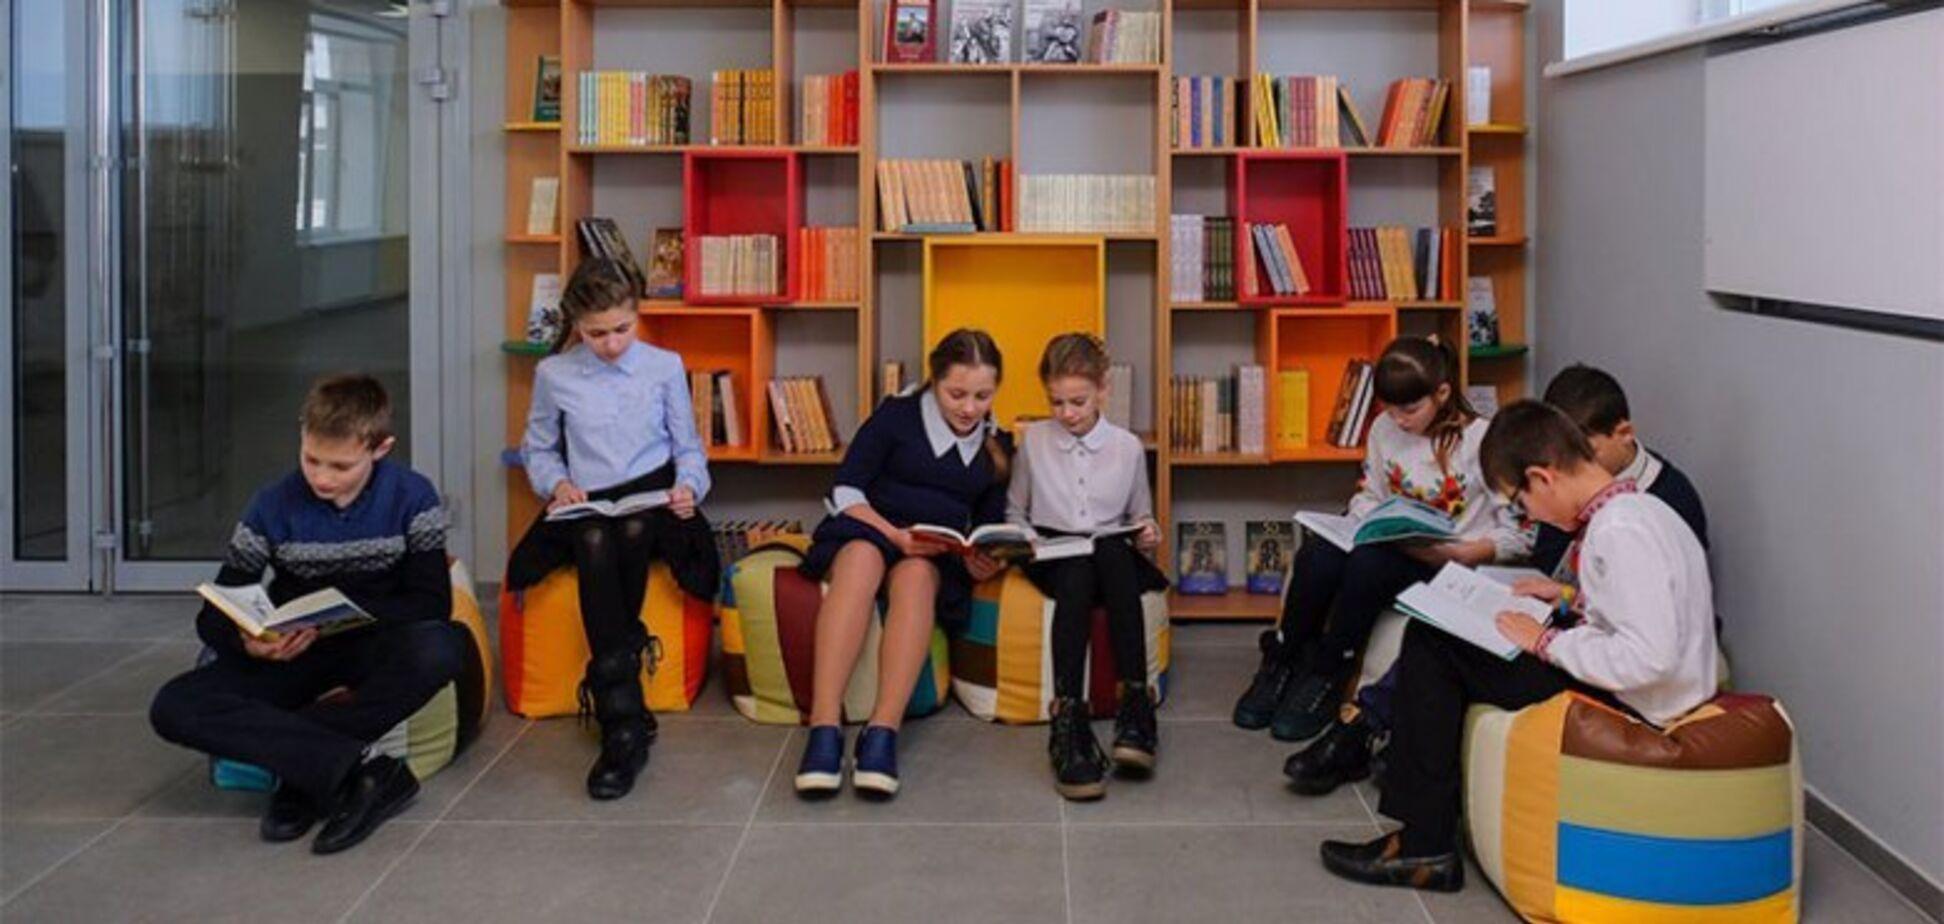 'Ради детей это все', – советник премьера Юрий Голик о масштабном строительстве и реконструкции школ, садиков и стадионов в Украине